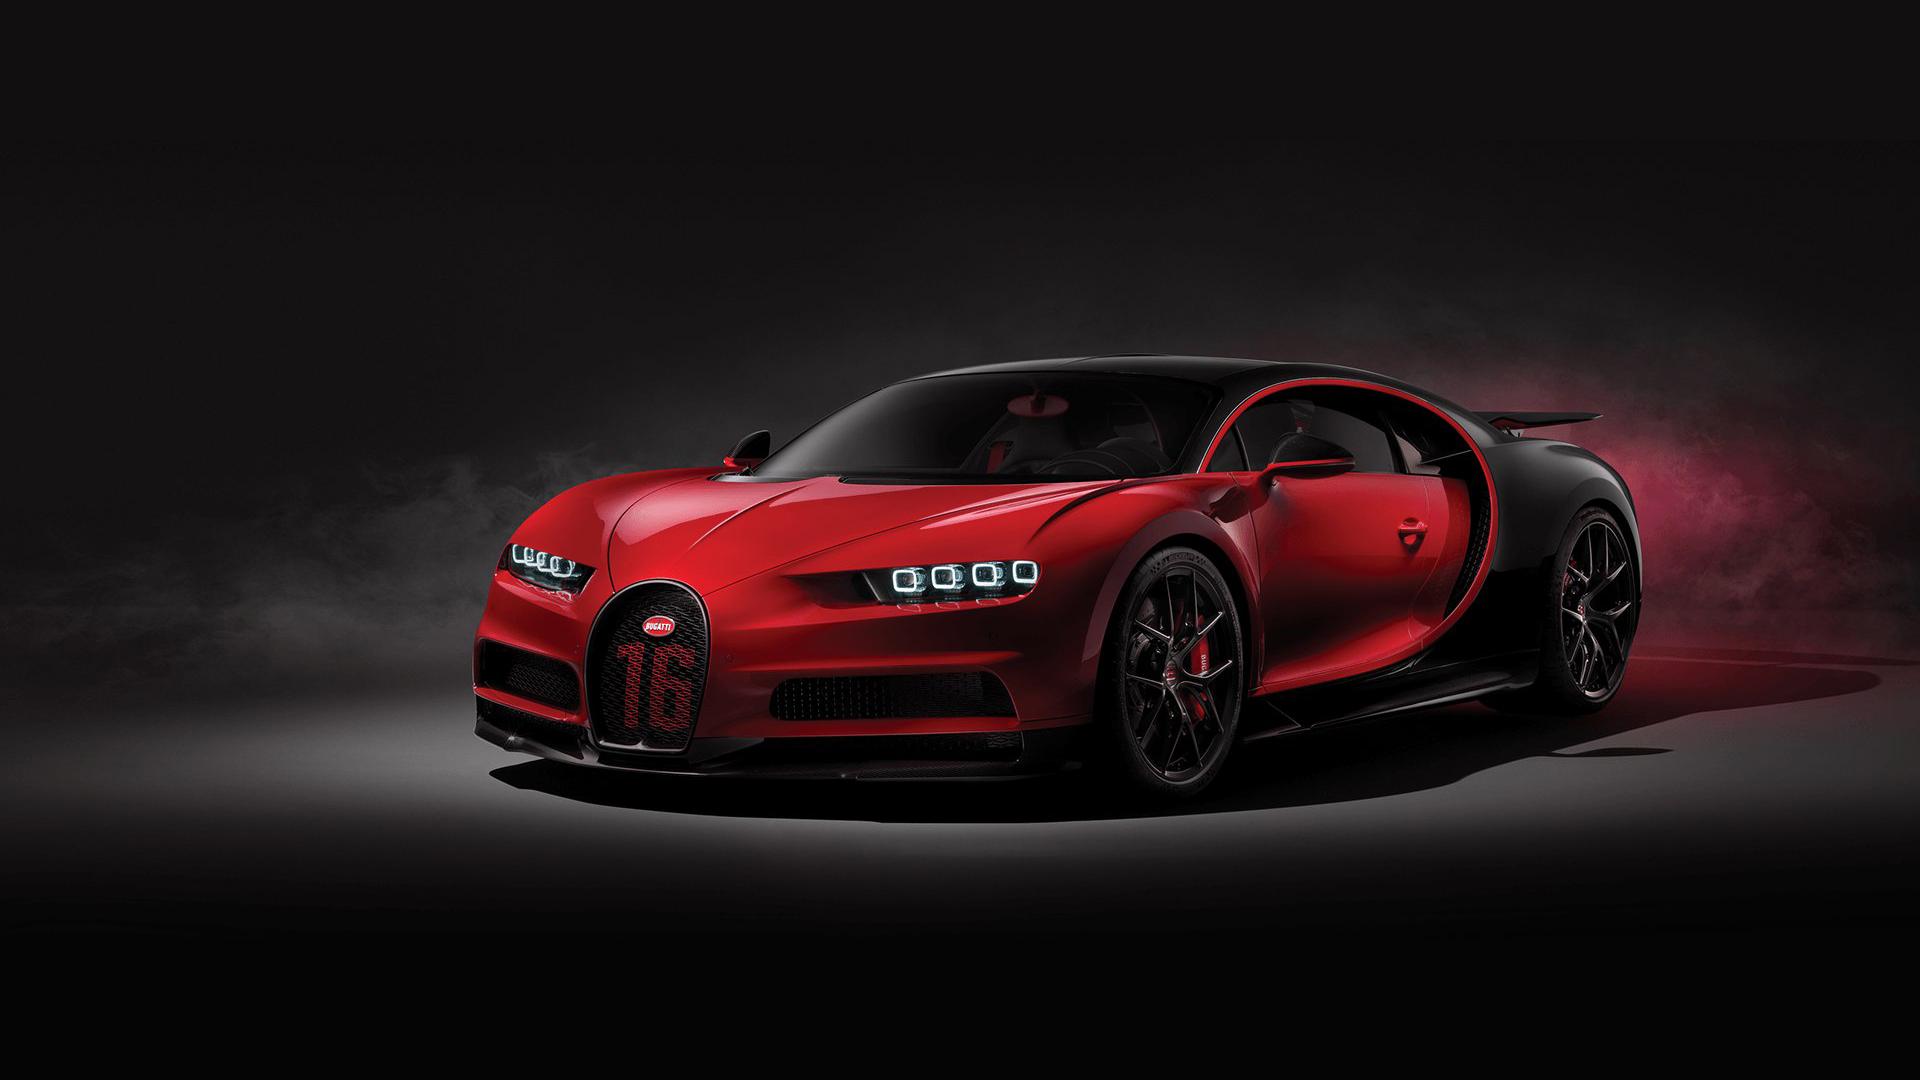 Fond d'écran : Bugatti Chiron Sport, Supercars, voiture 1920x1080 - al3mat - 1275801 - Fond d ...